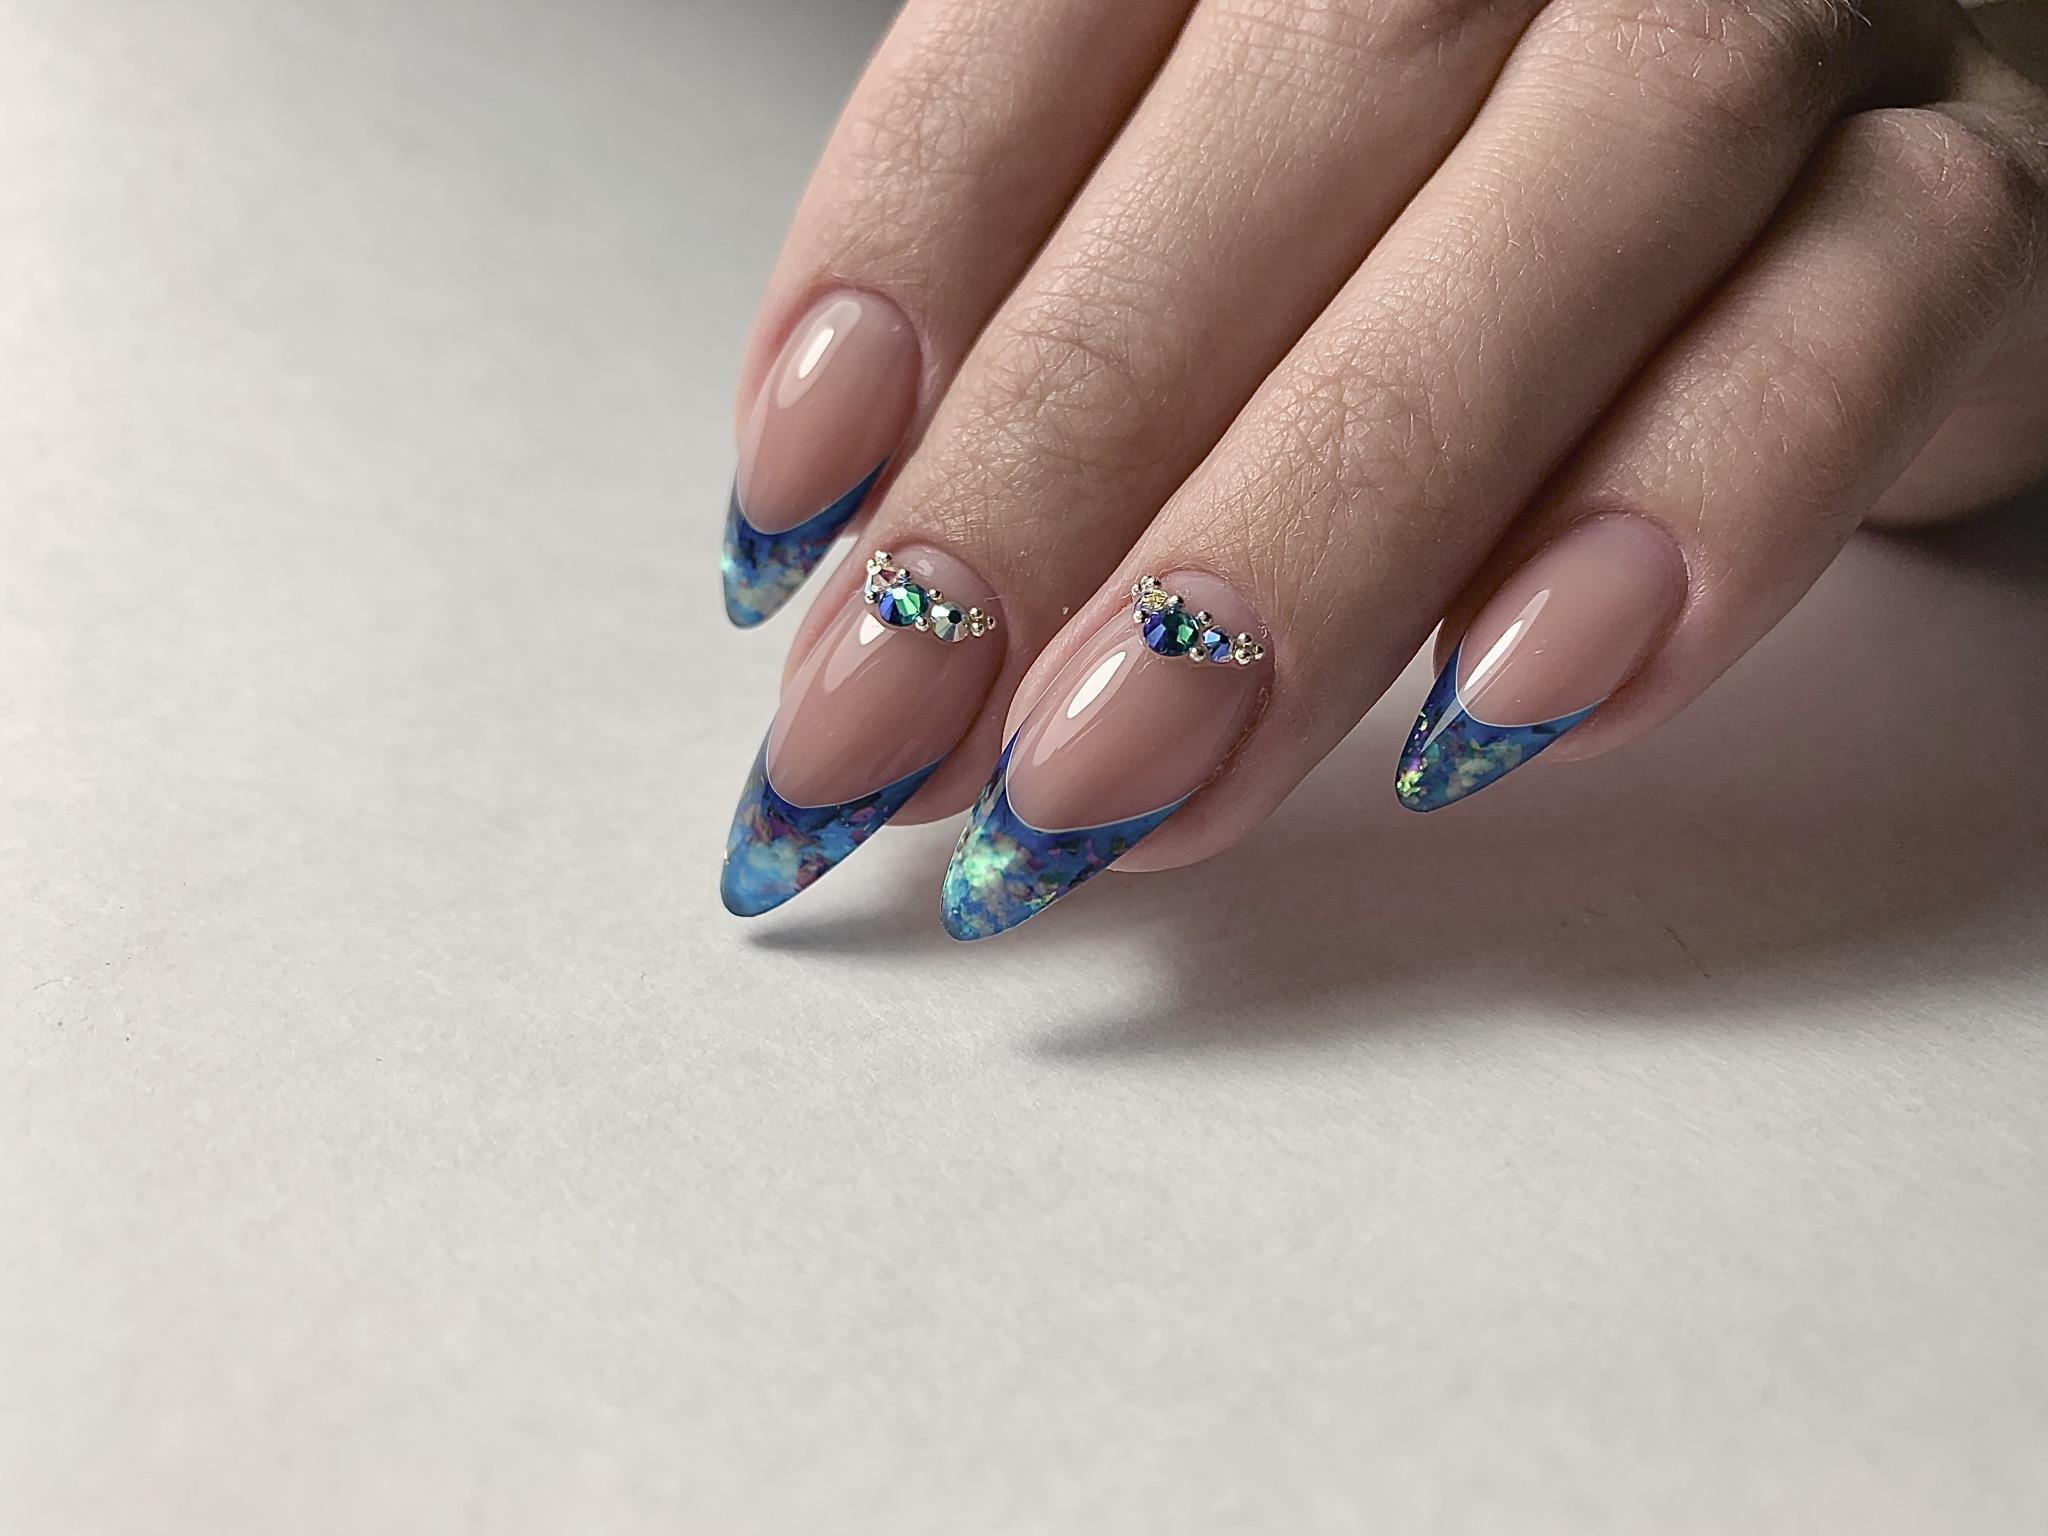 Аквариумный французский маникюр в голубом цвете с блёстками и цветными стразами.